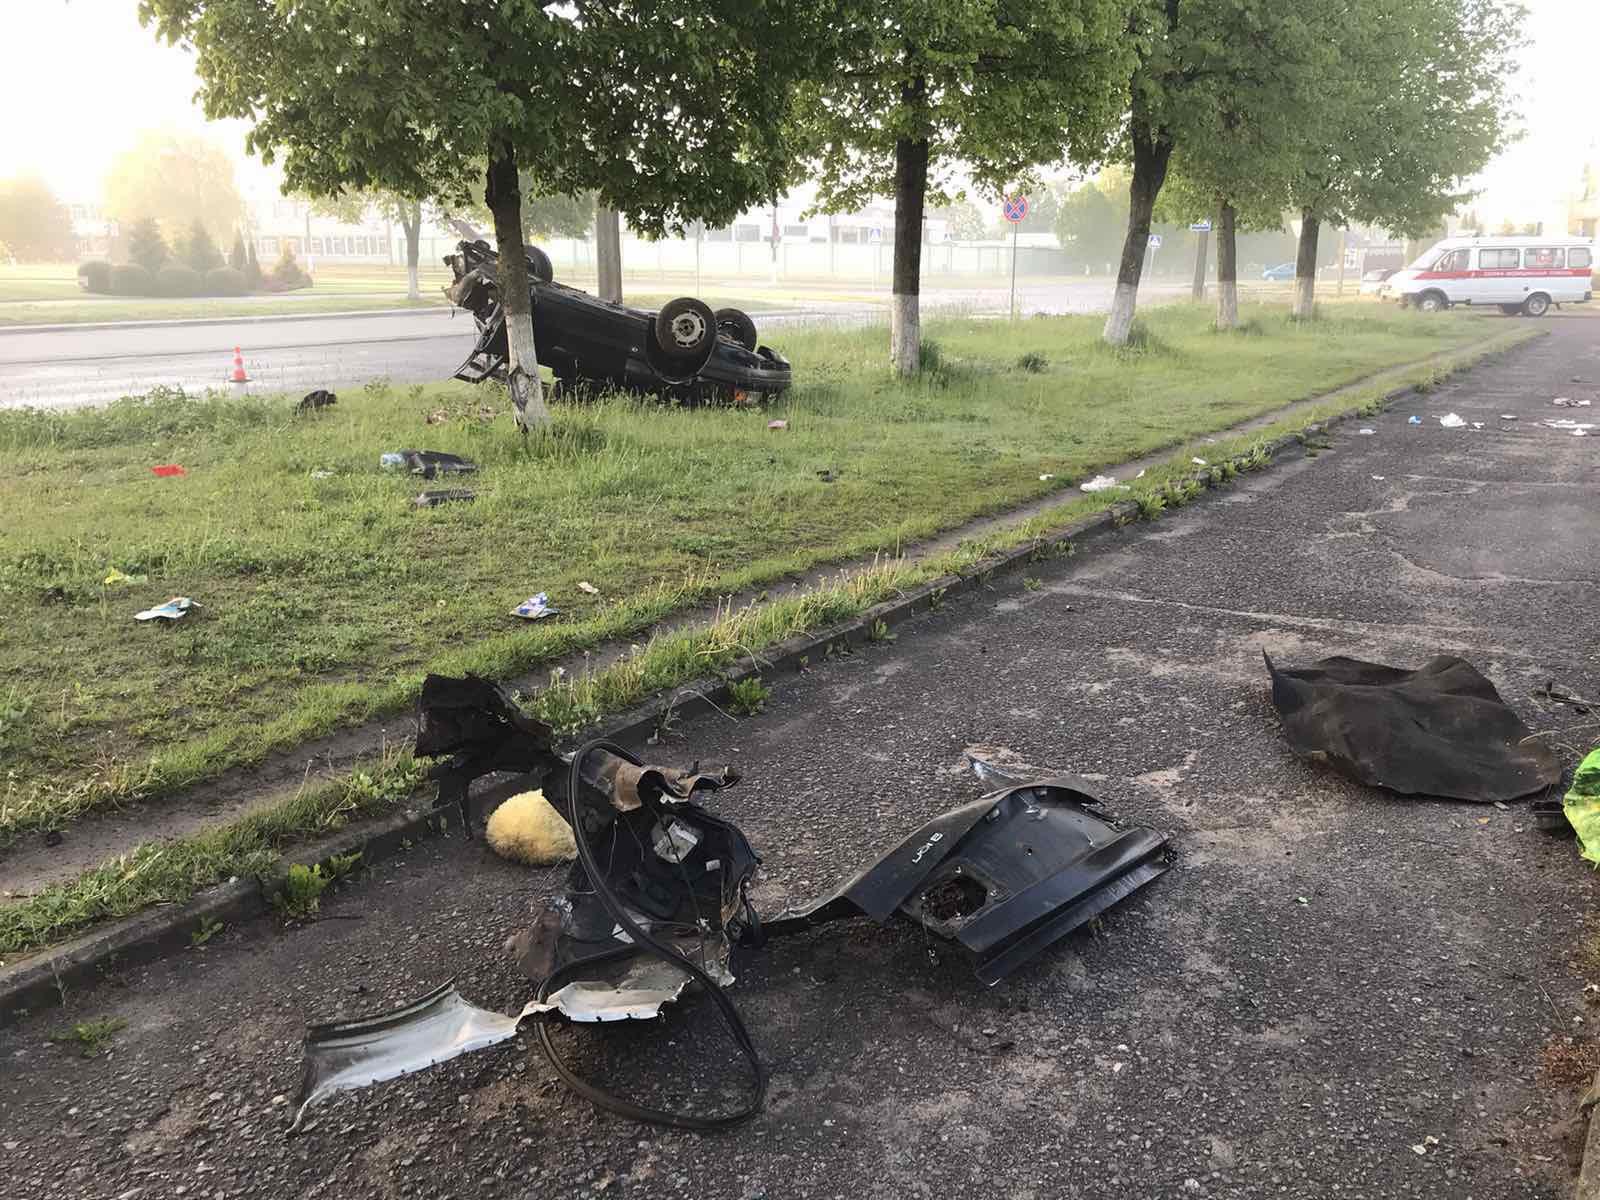 Смертельное ДТП произошло в Лиде. Все случилось в 5.30 на улице Машерова.